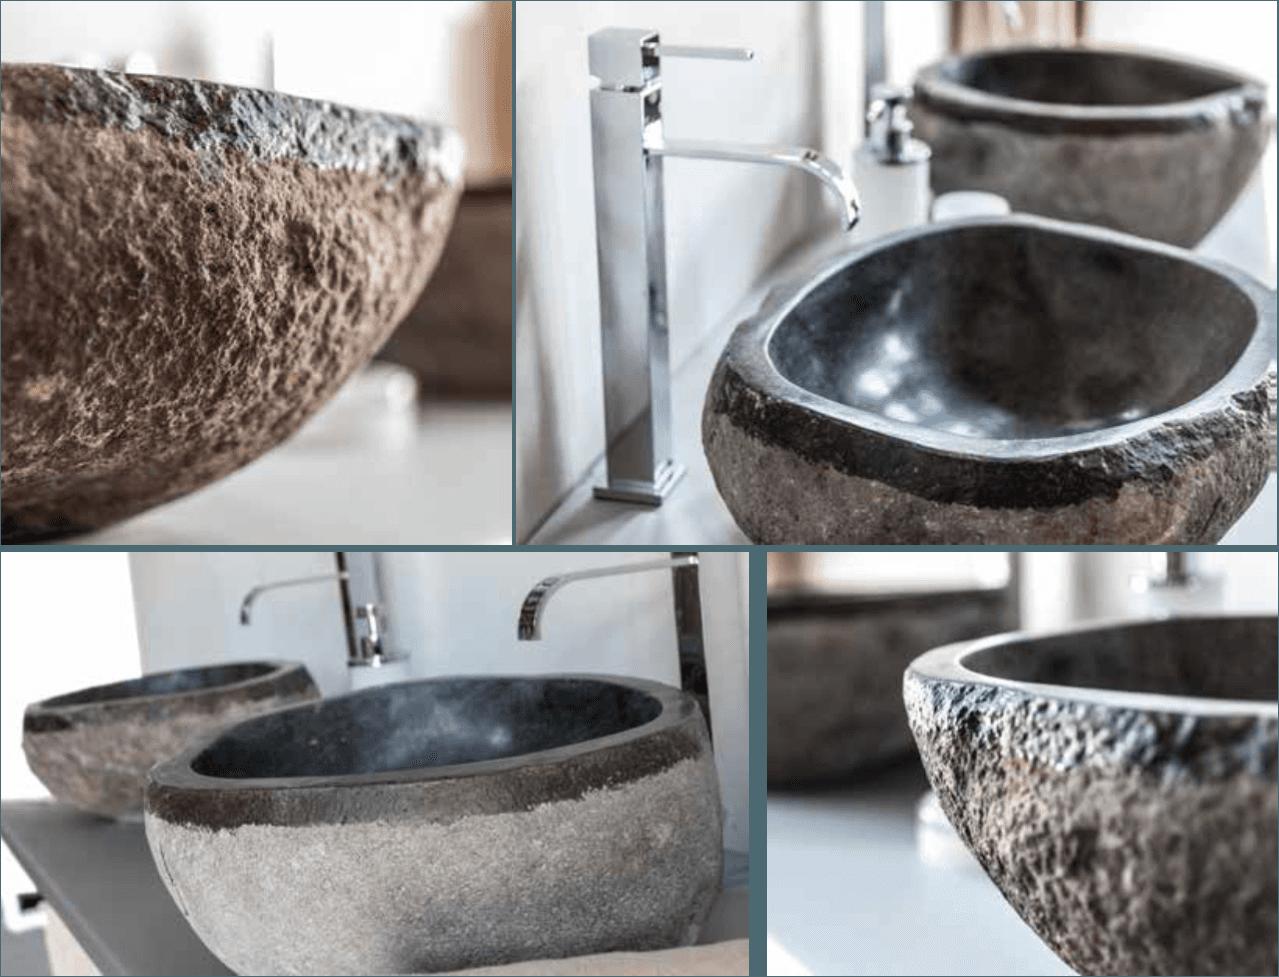 idrosanitari e accessori | salerno, sa | sammartino di marco reggiani - Arredo Bagno Salerno E Provincia